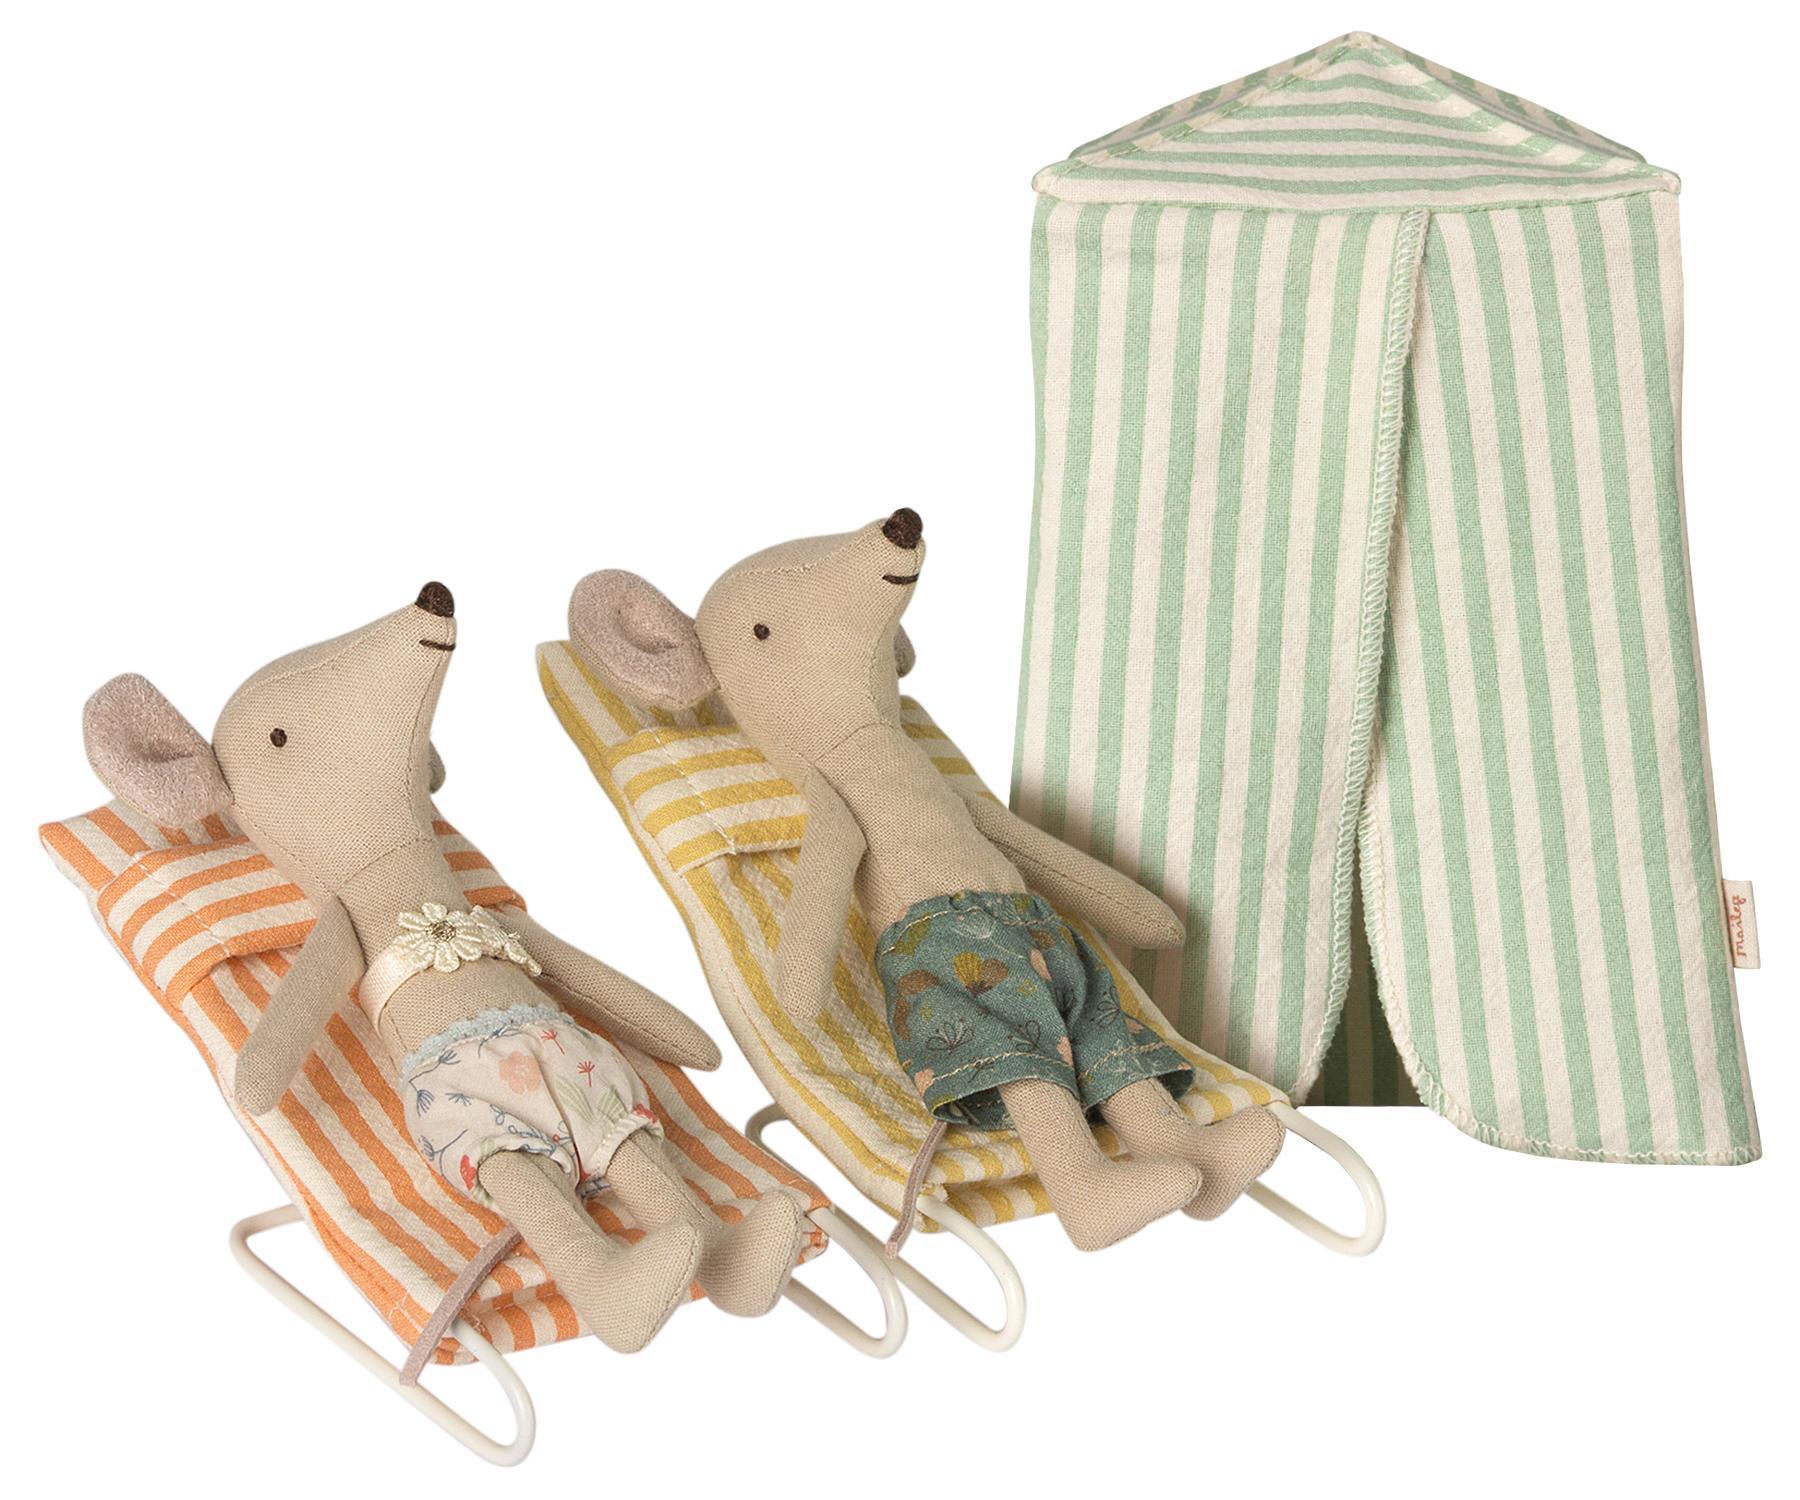 Maileg Myšky na dovolené - set, multi barva, kov, textil